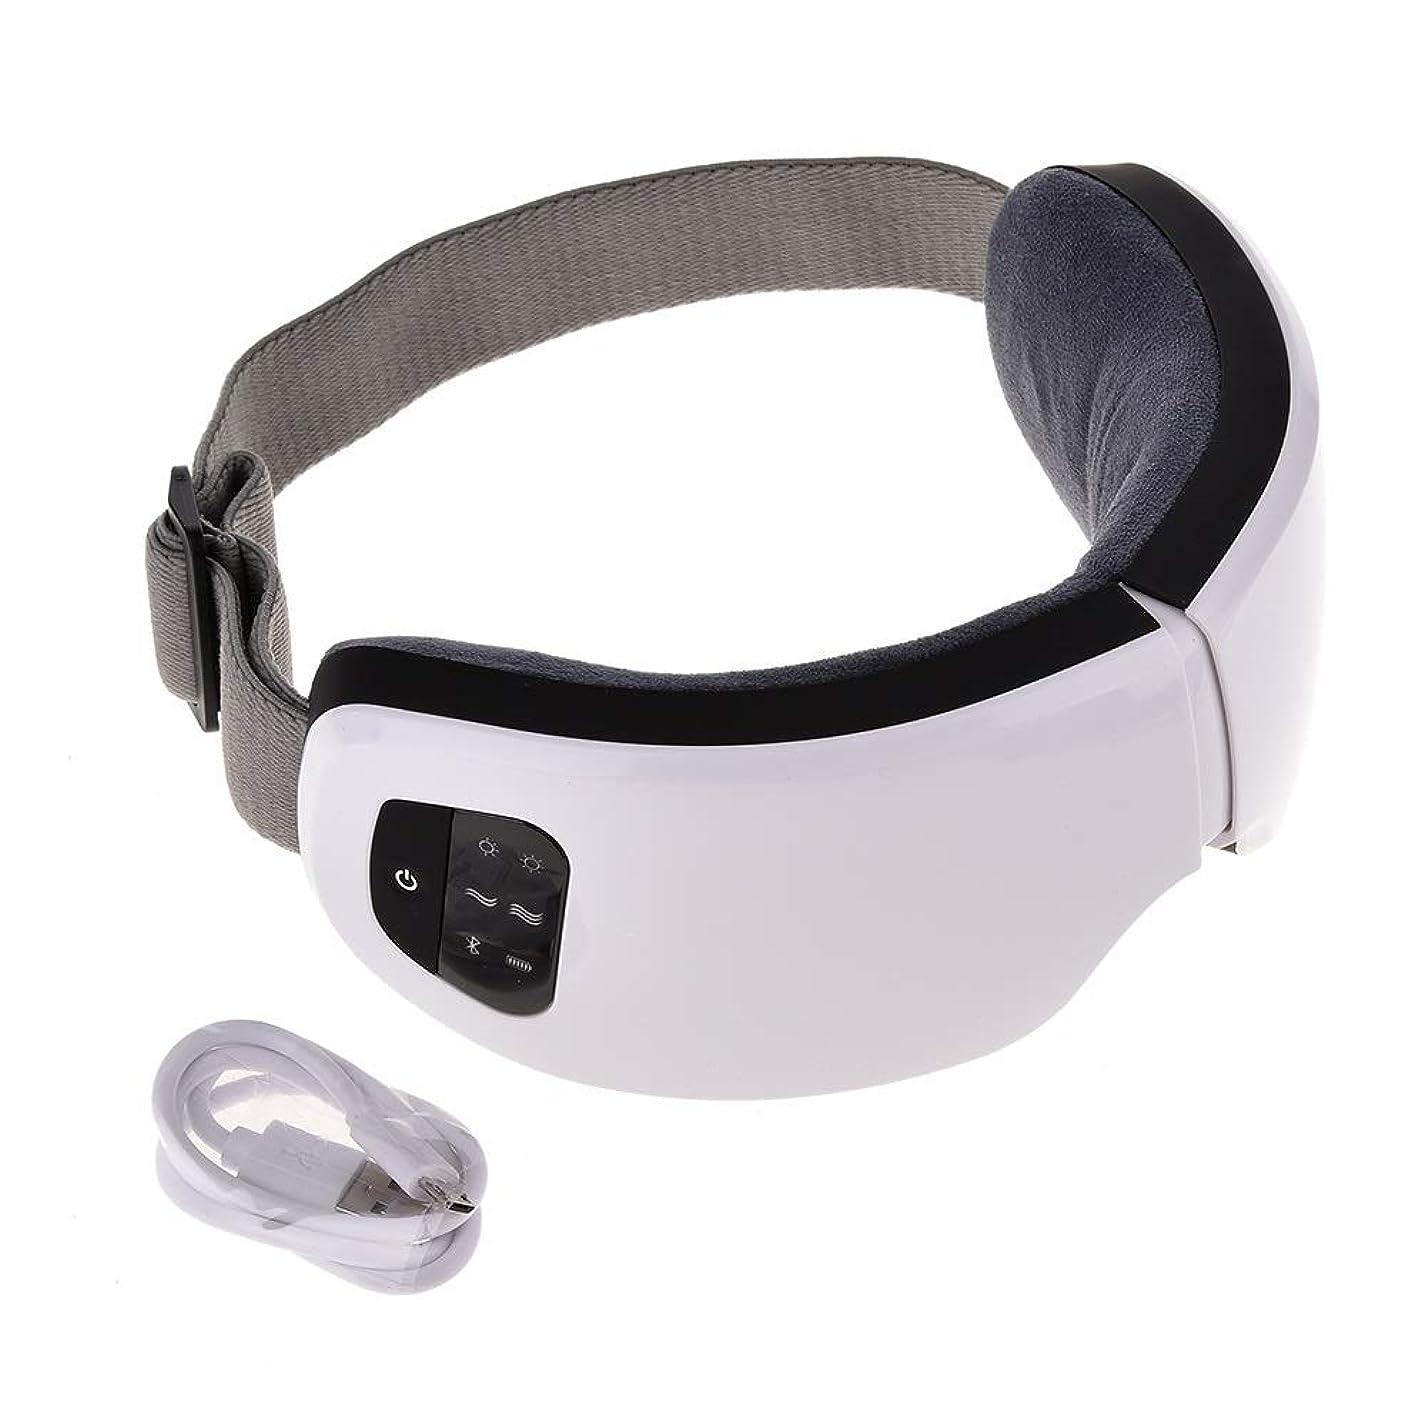 文庫本以上悪のMeet now ファッションアイマッサージャー、電気マッサージ器具、高度な音楽振動アイプロテクター 品質保証